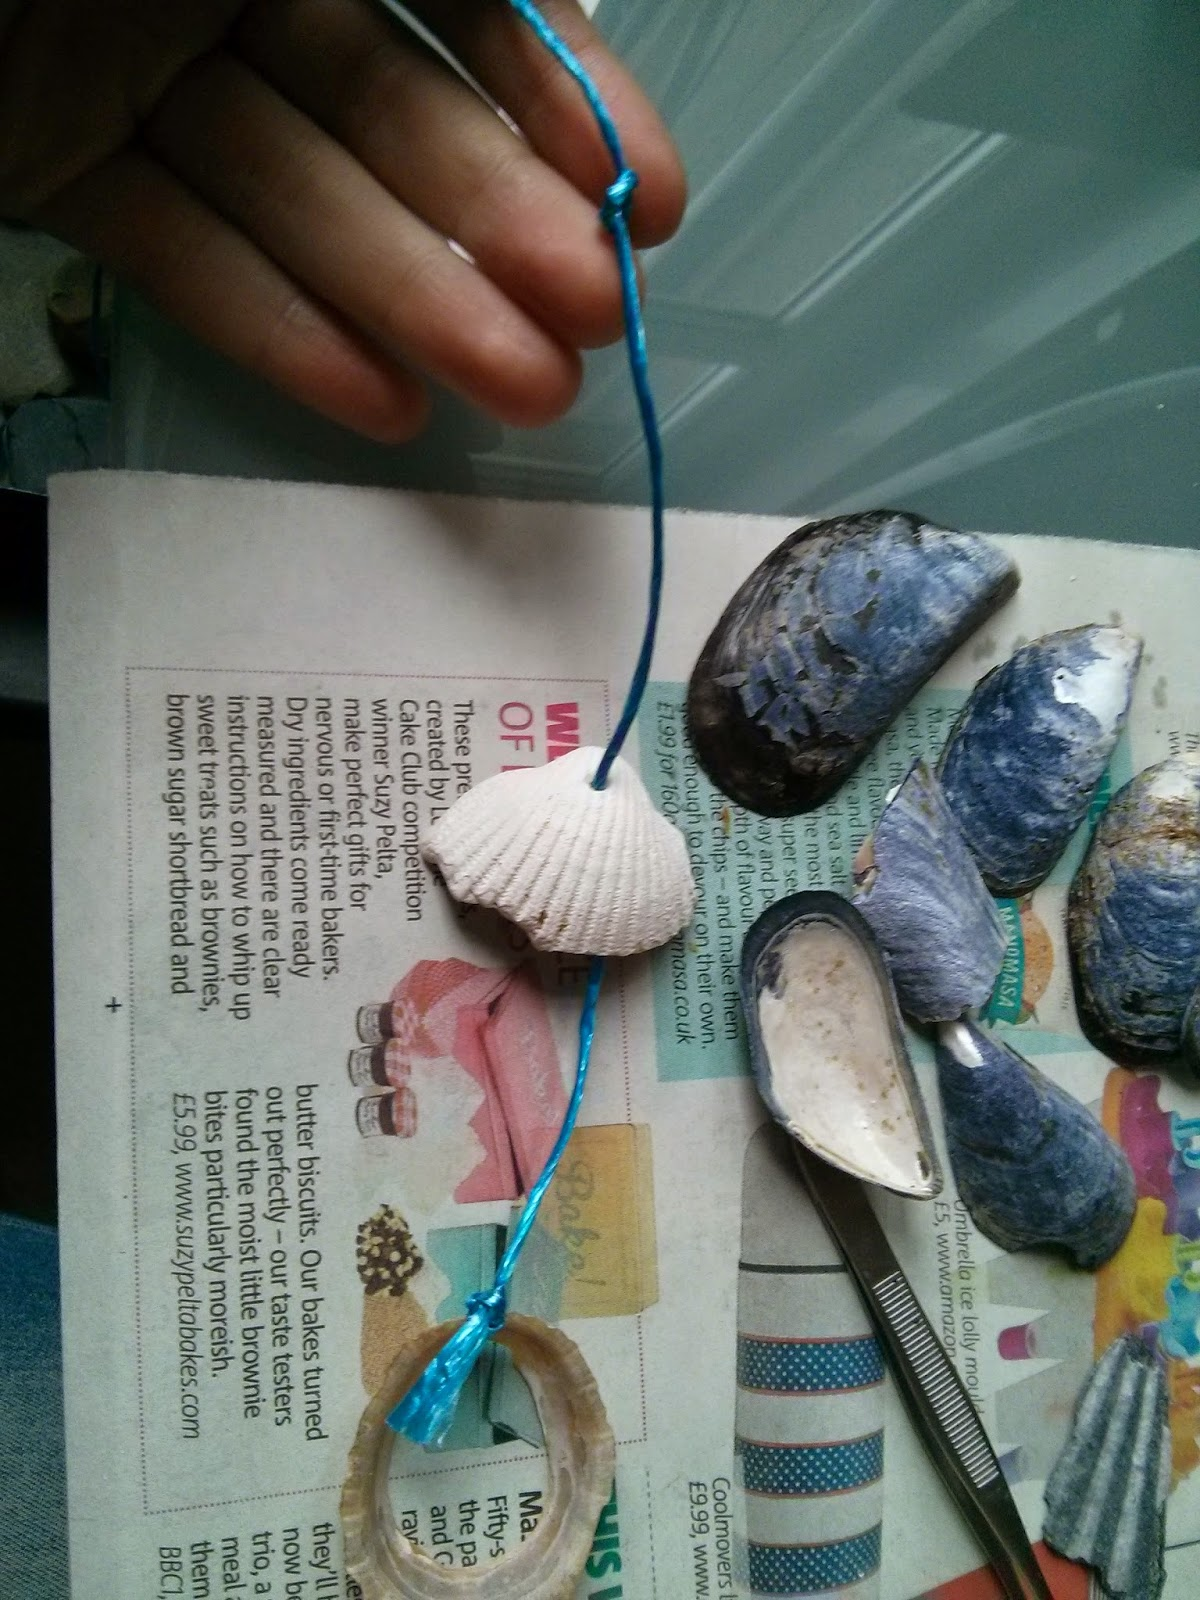 Átfúrt kagylók felfűzése a kagylófüggönyhöz